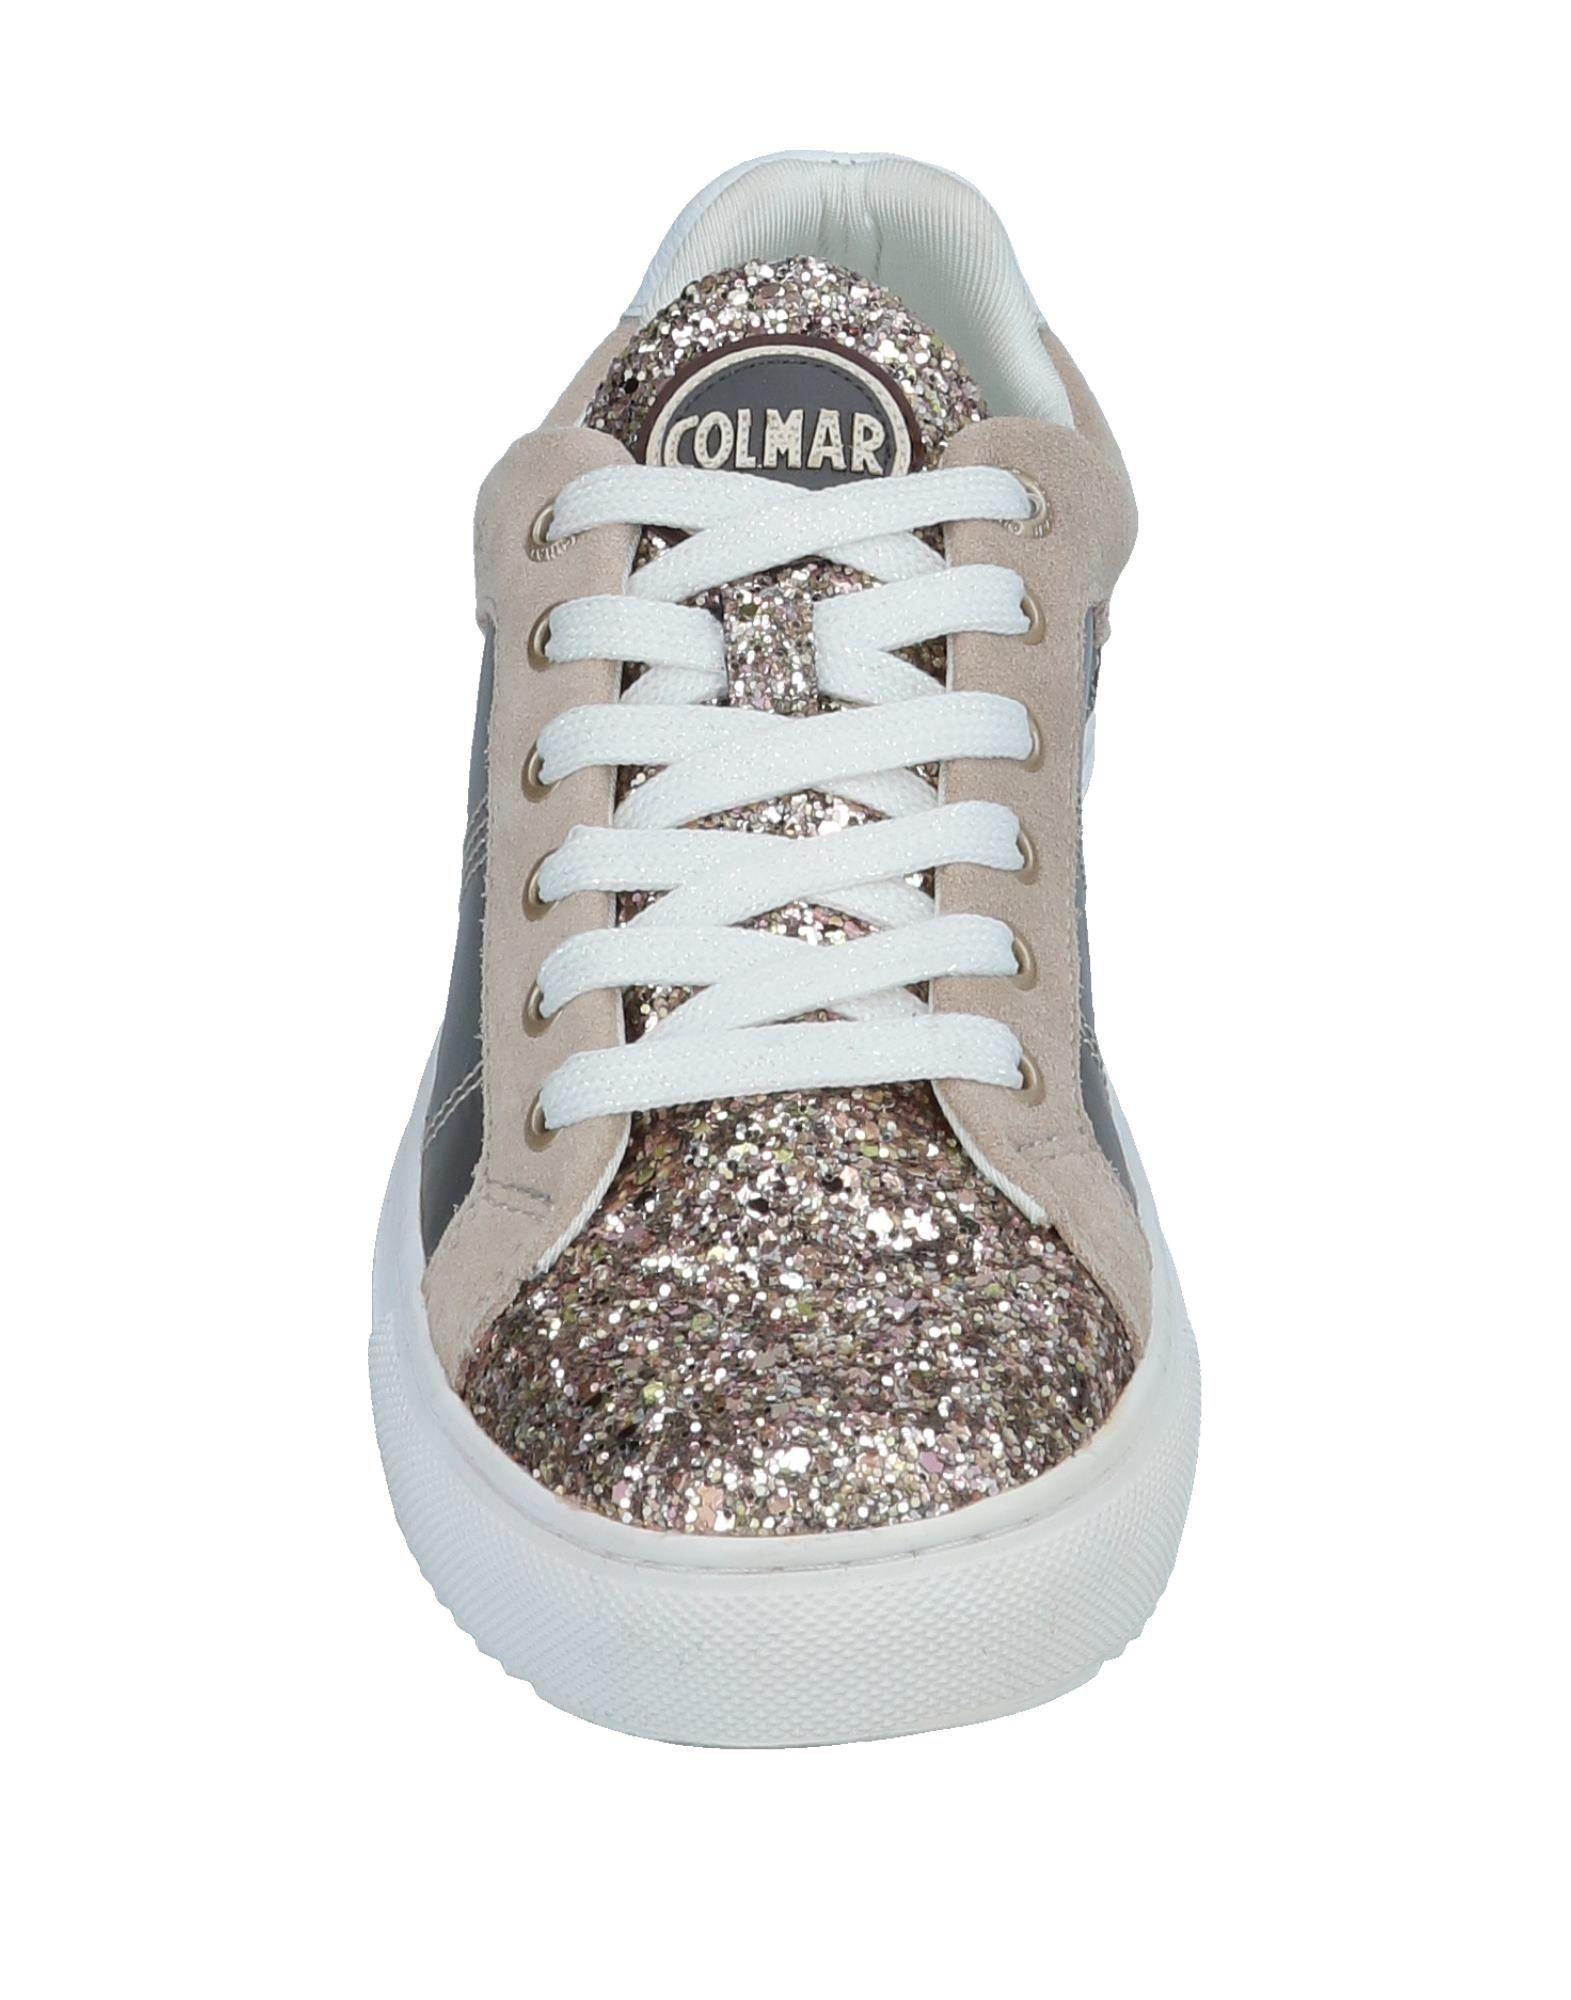 Colmar Sneakers - Women Colmar Sneakers online on    Canada - 11553241ME a6eb36